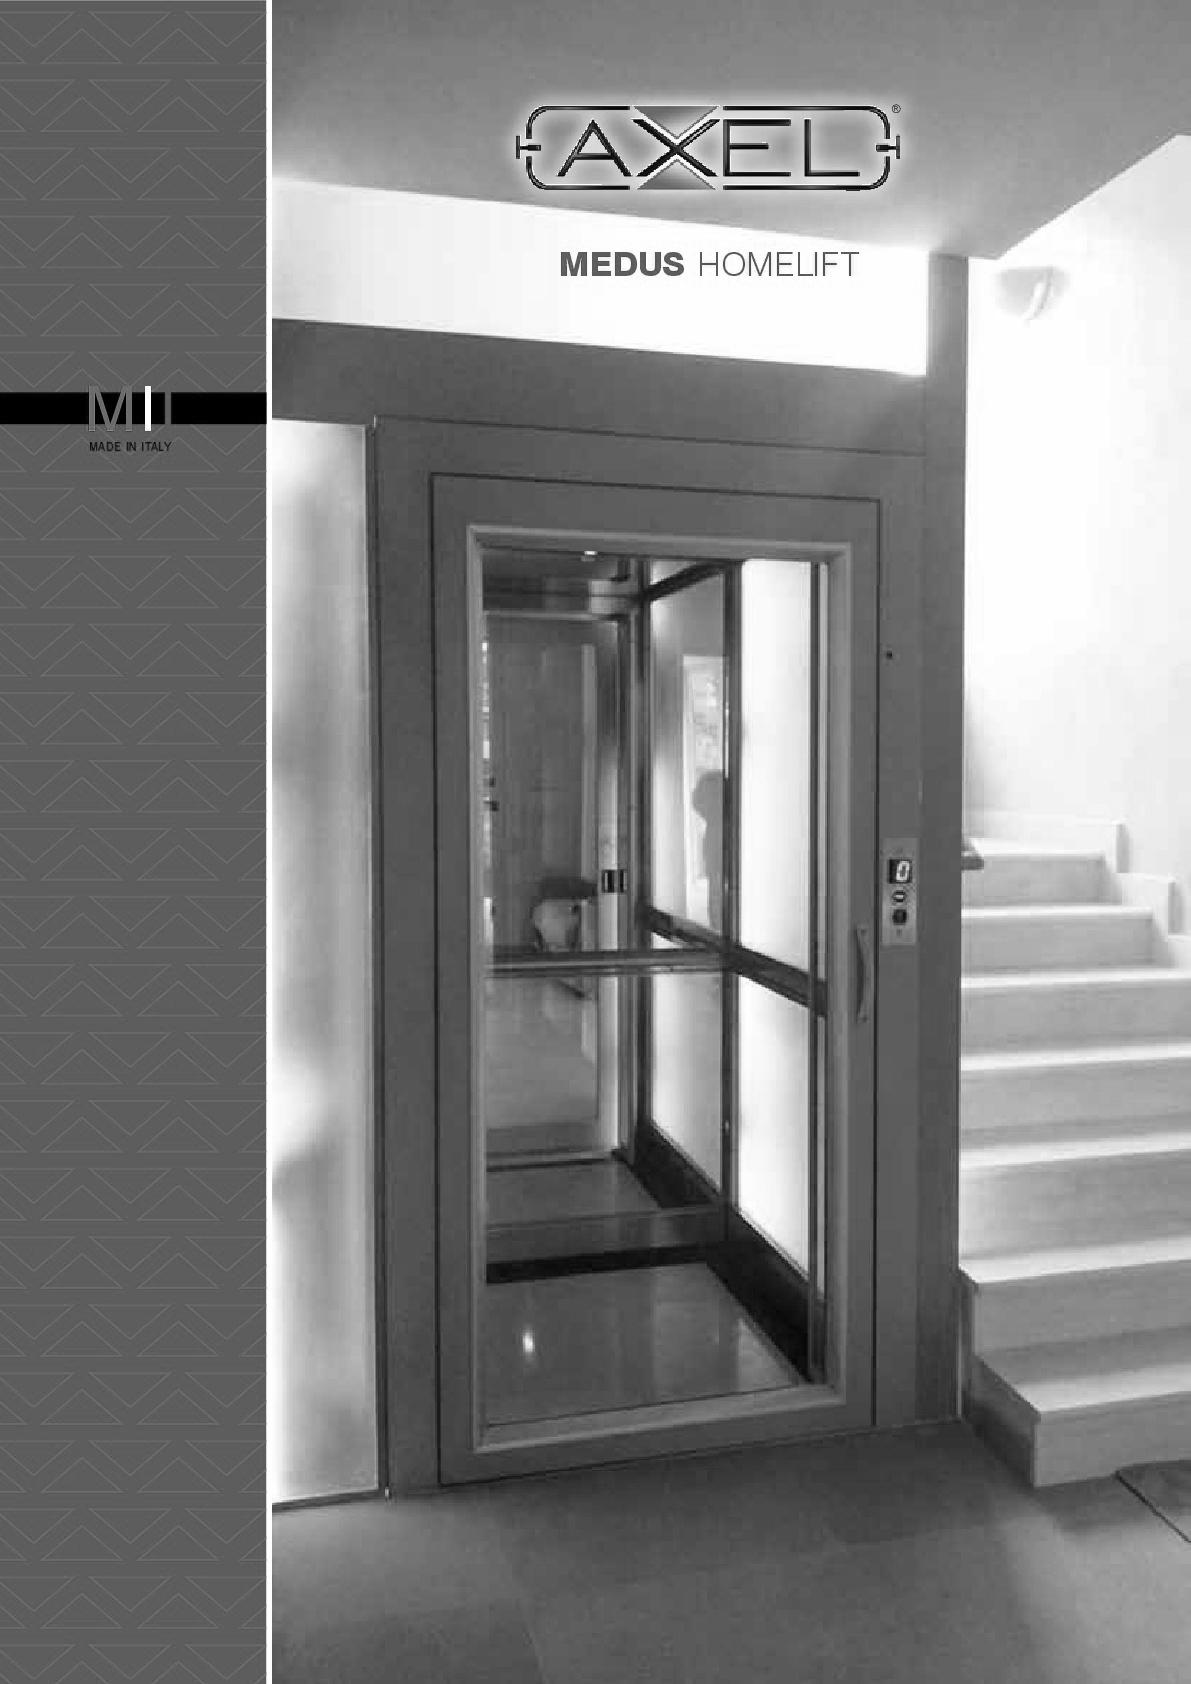 Axel-Medus-Homelift-Brochure-001-BW